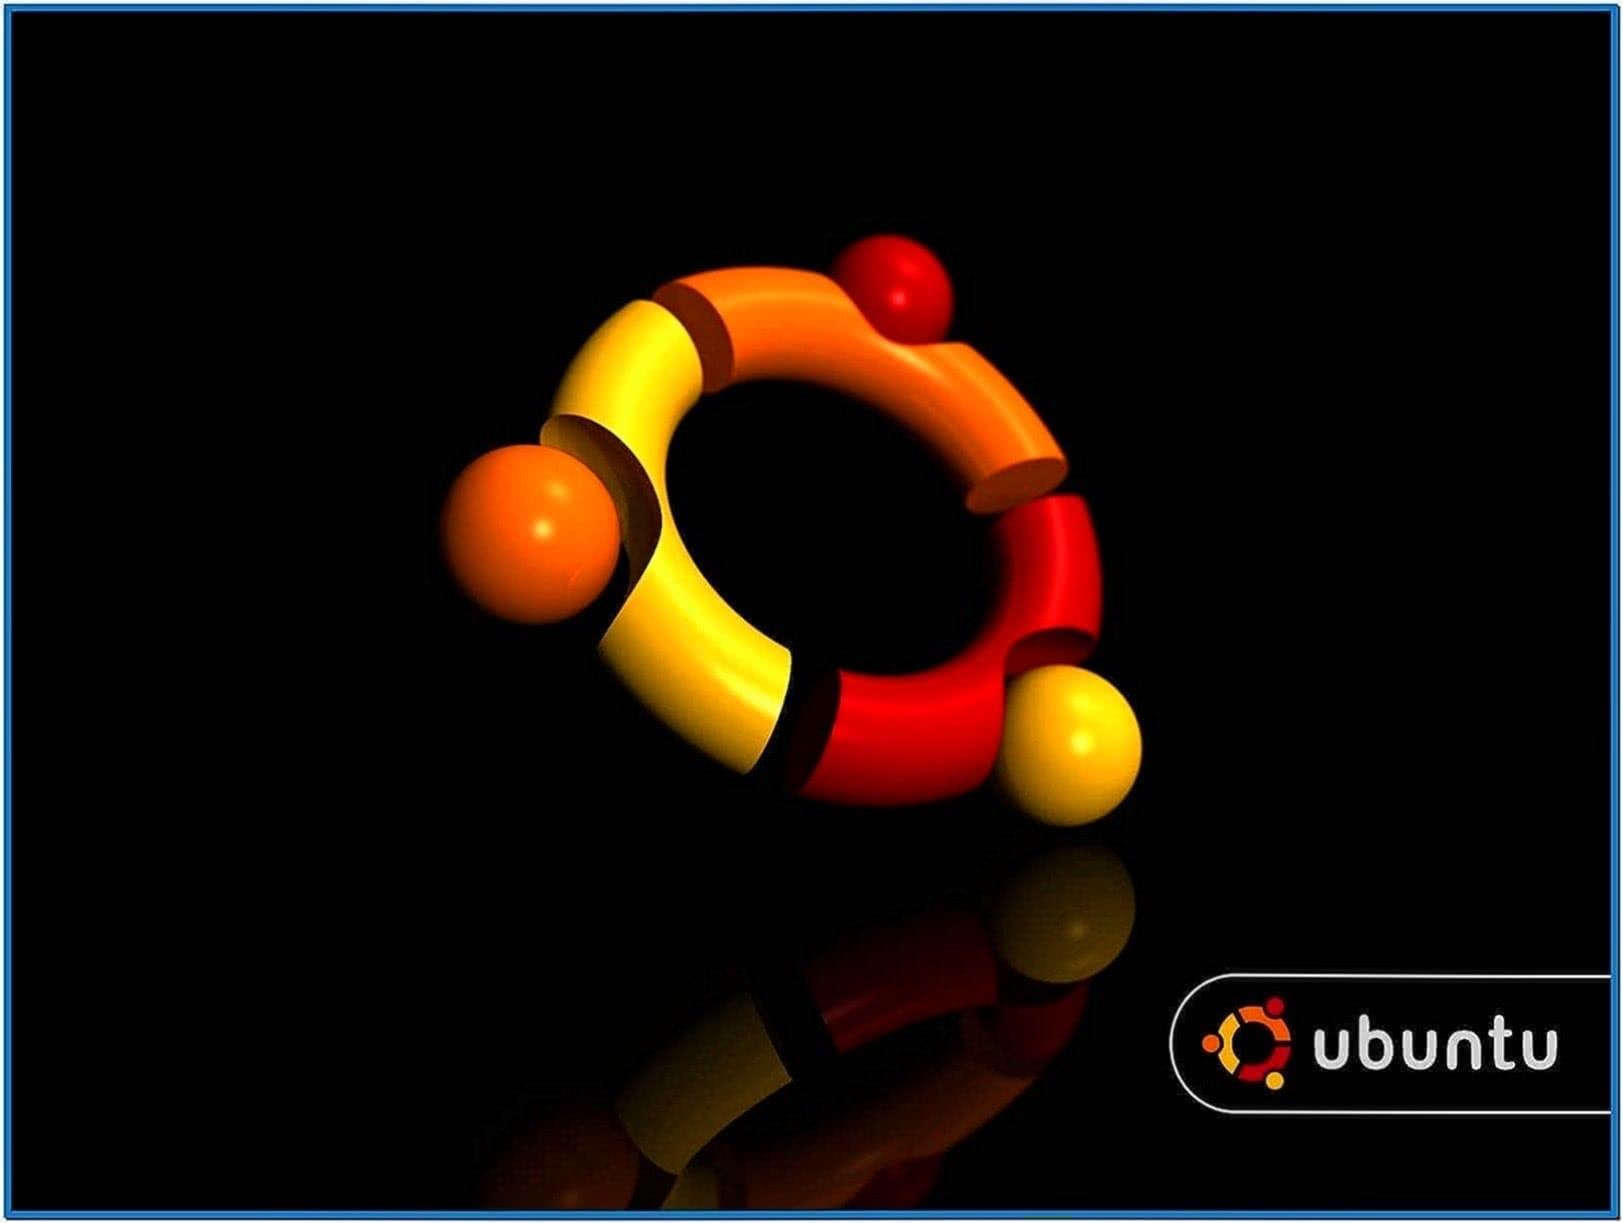 Screensavers for Ubuntu